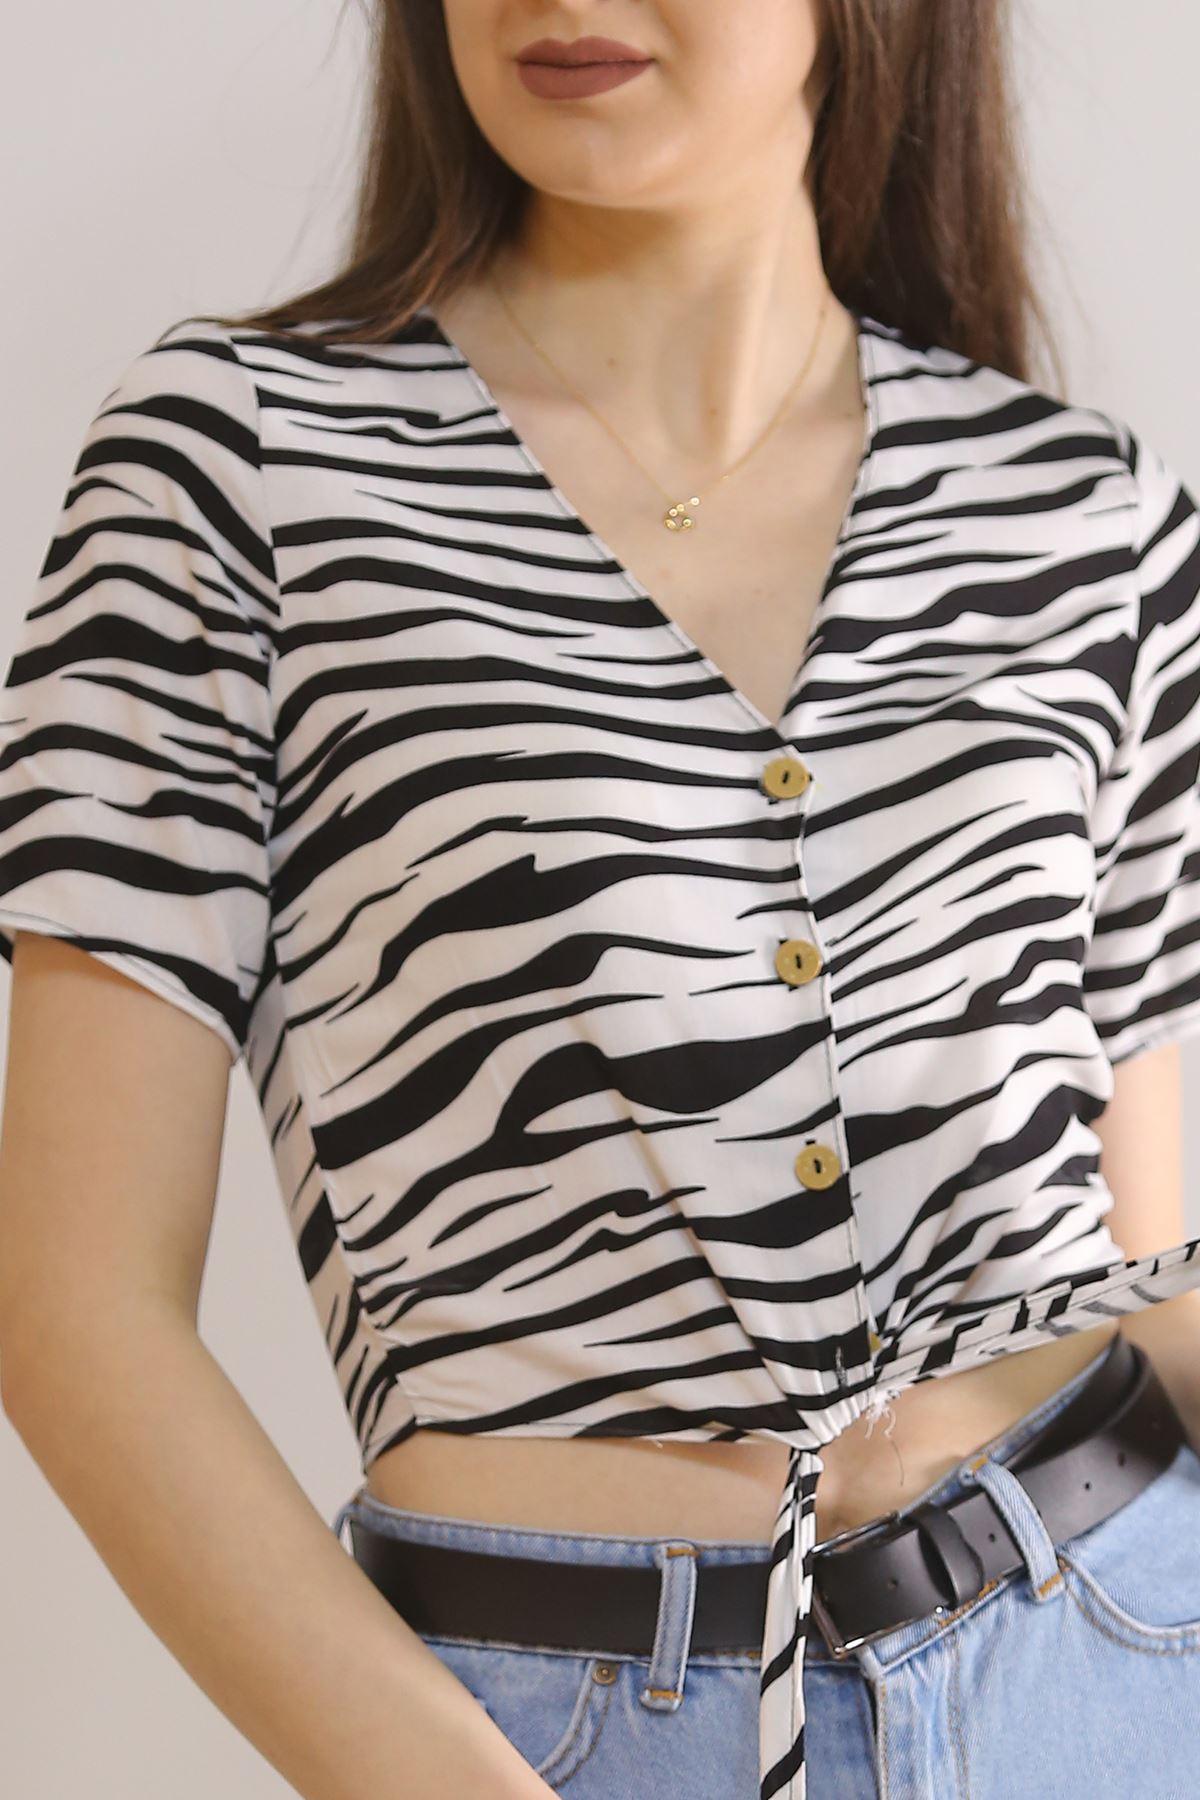 Altı Bağlamalı Bluz Zebra - 5835.1153.